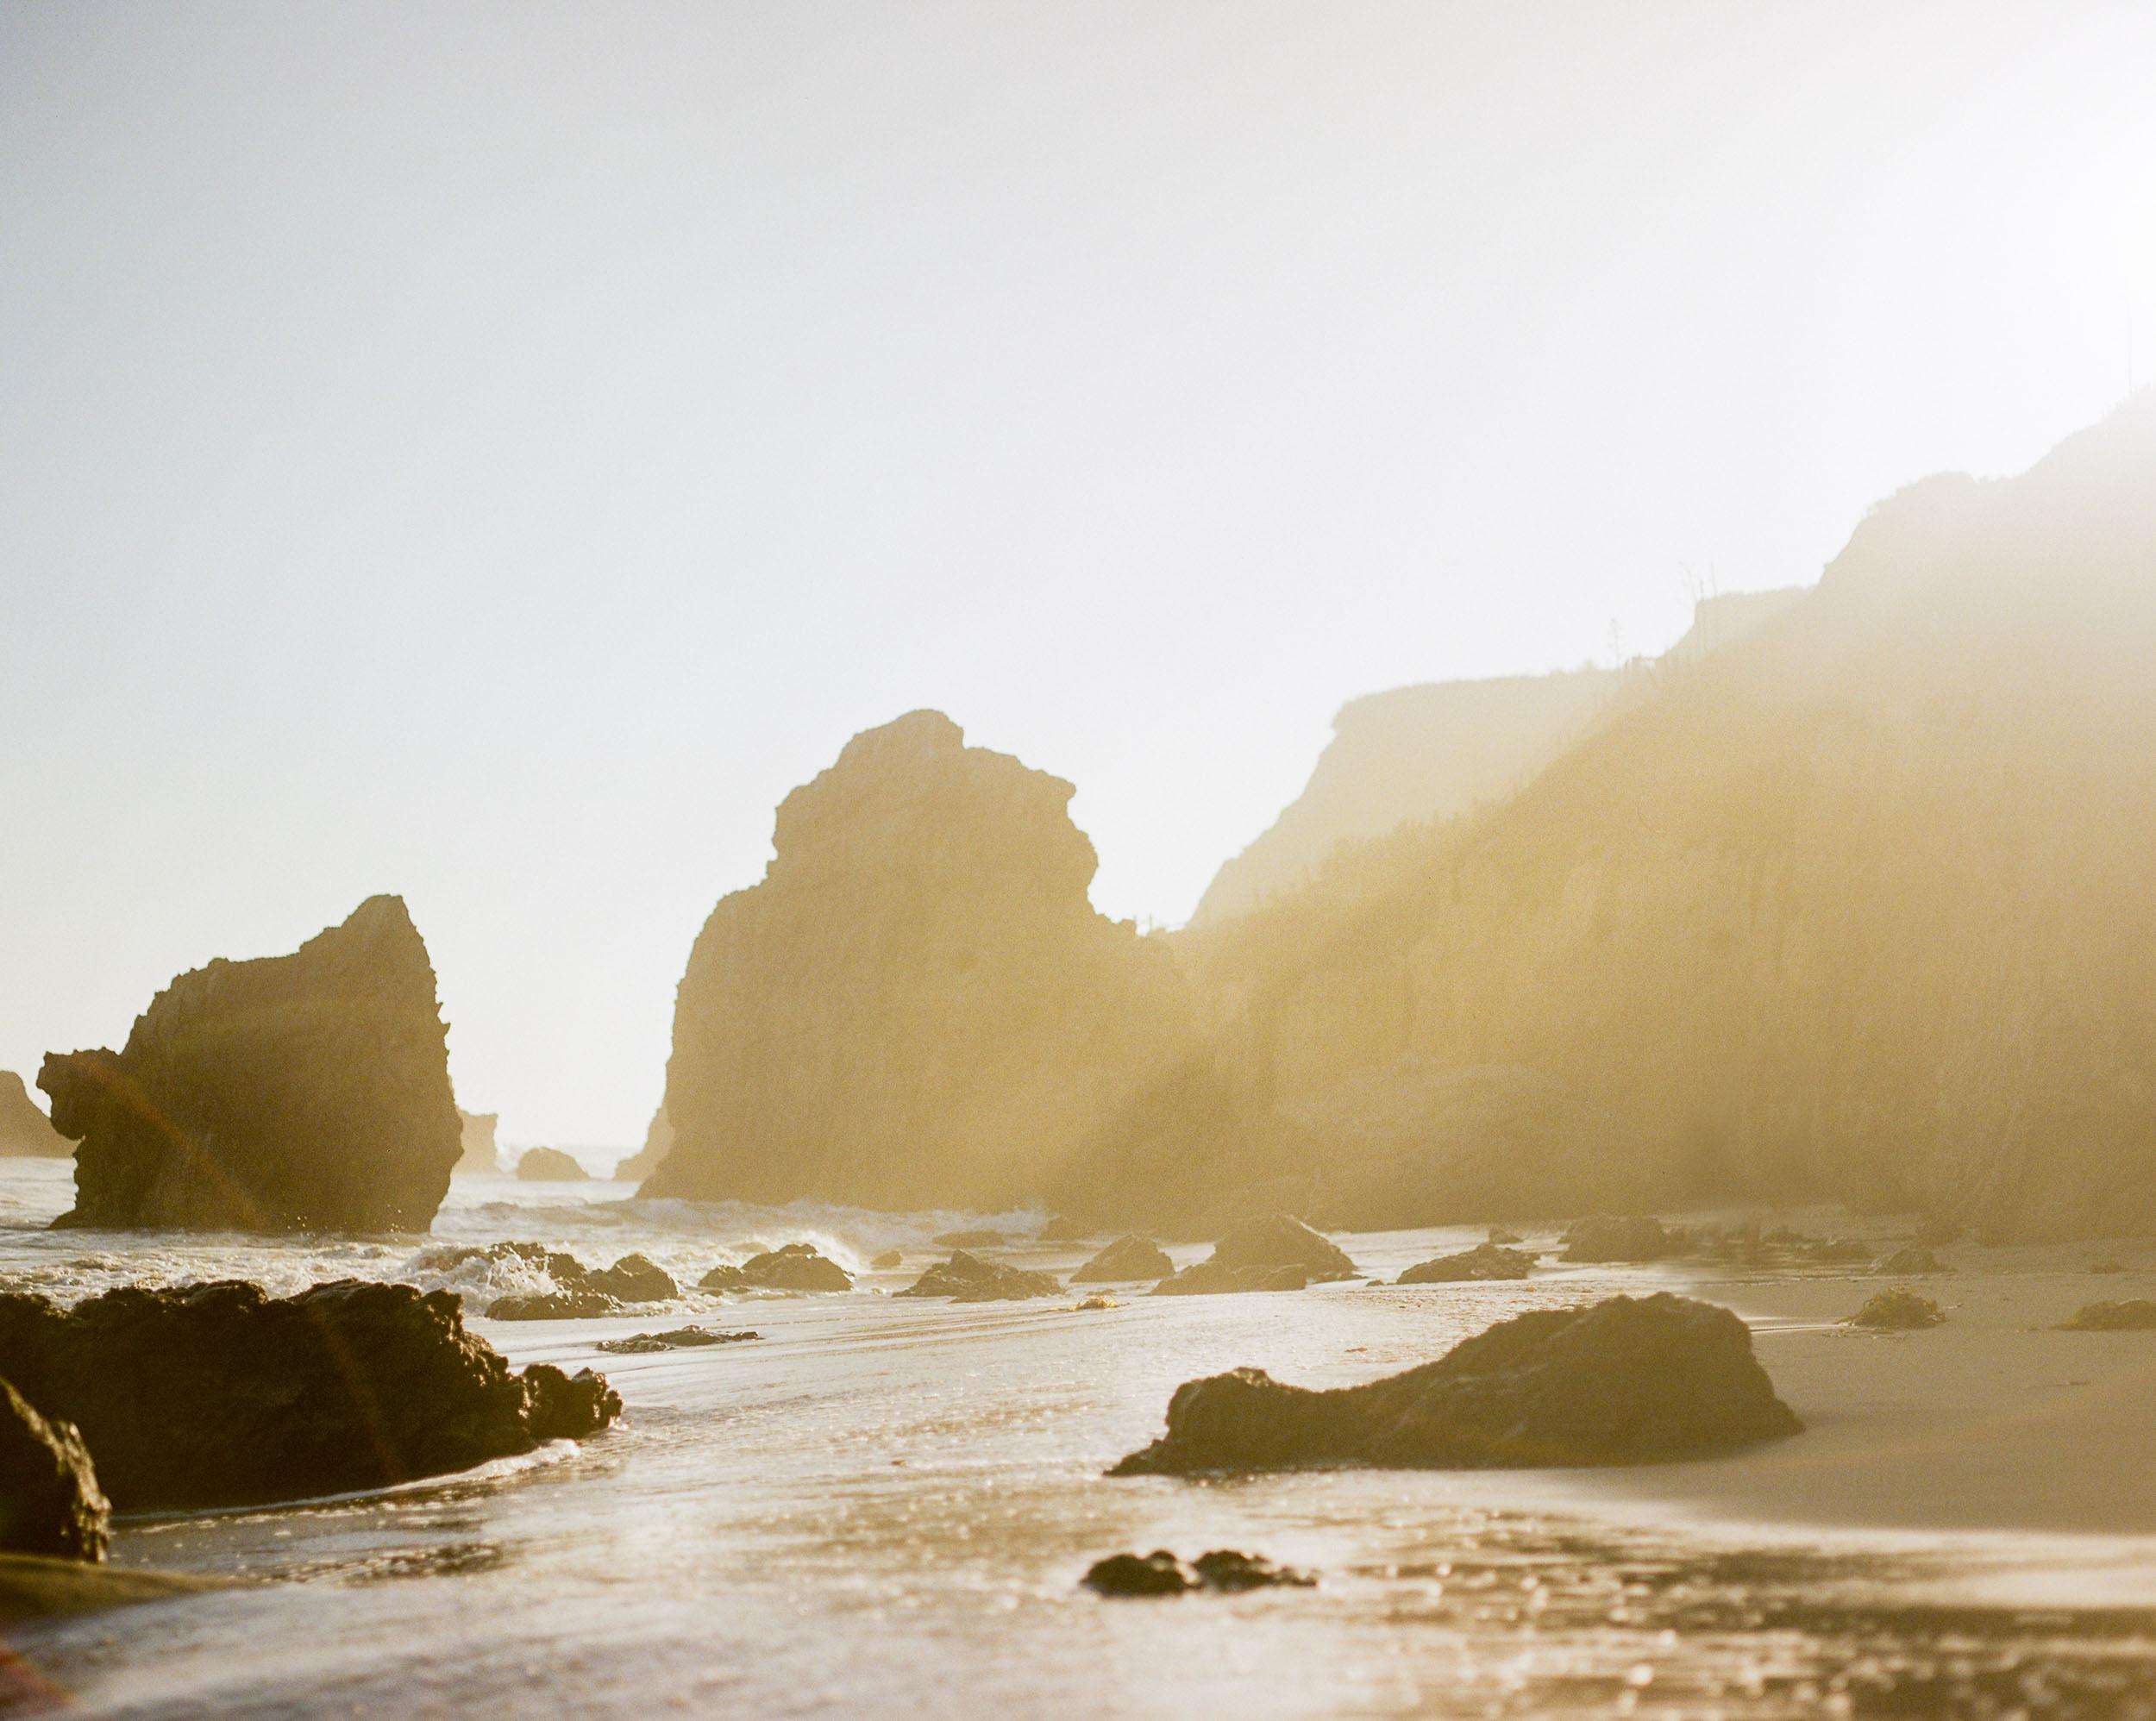 El Matador Beach Light ■ Pentax 67 ■ Kodak Portra 800